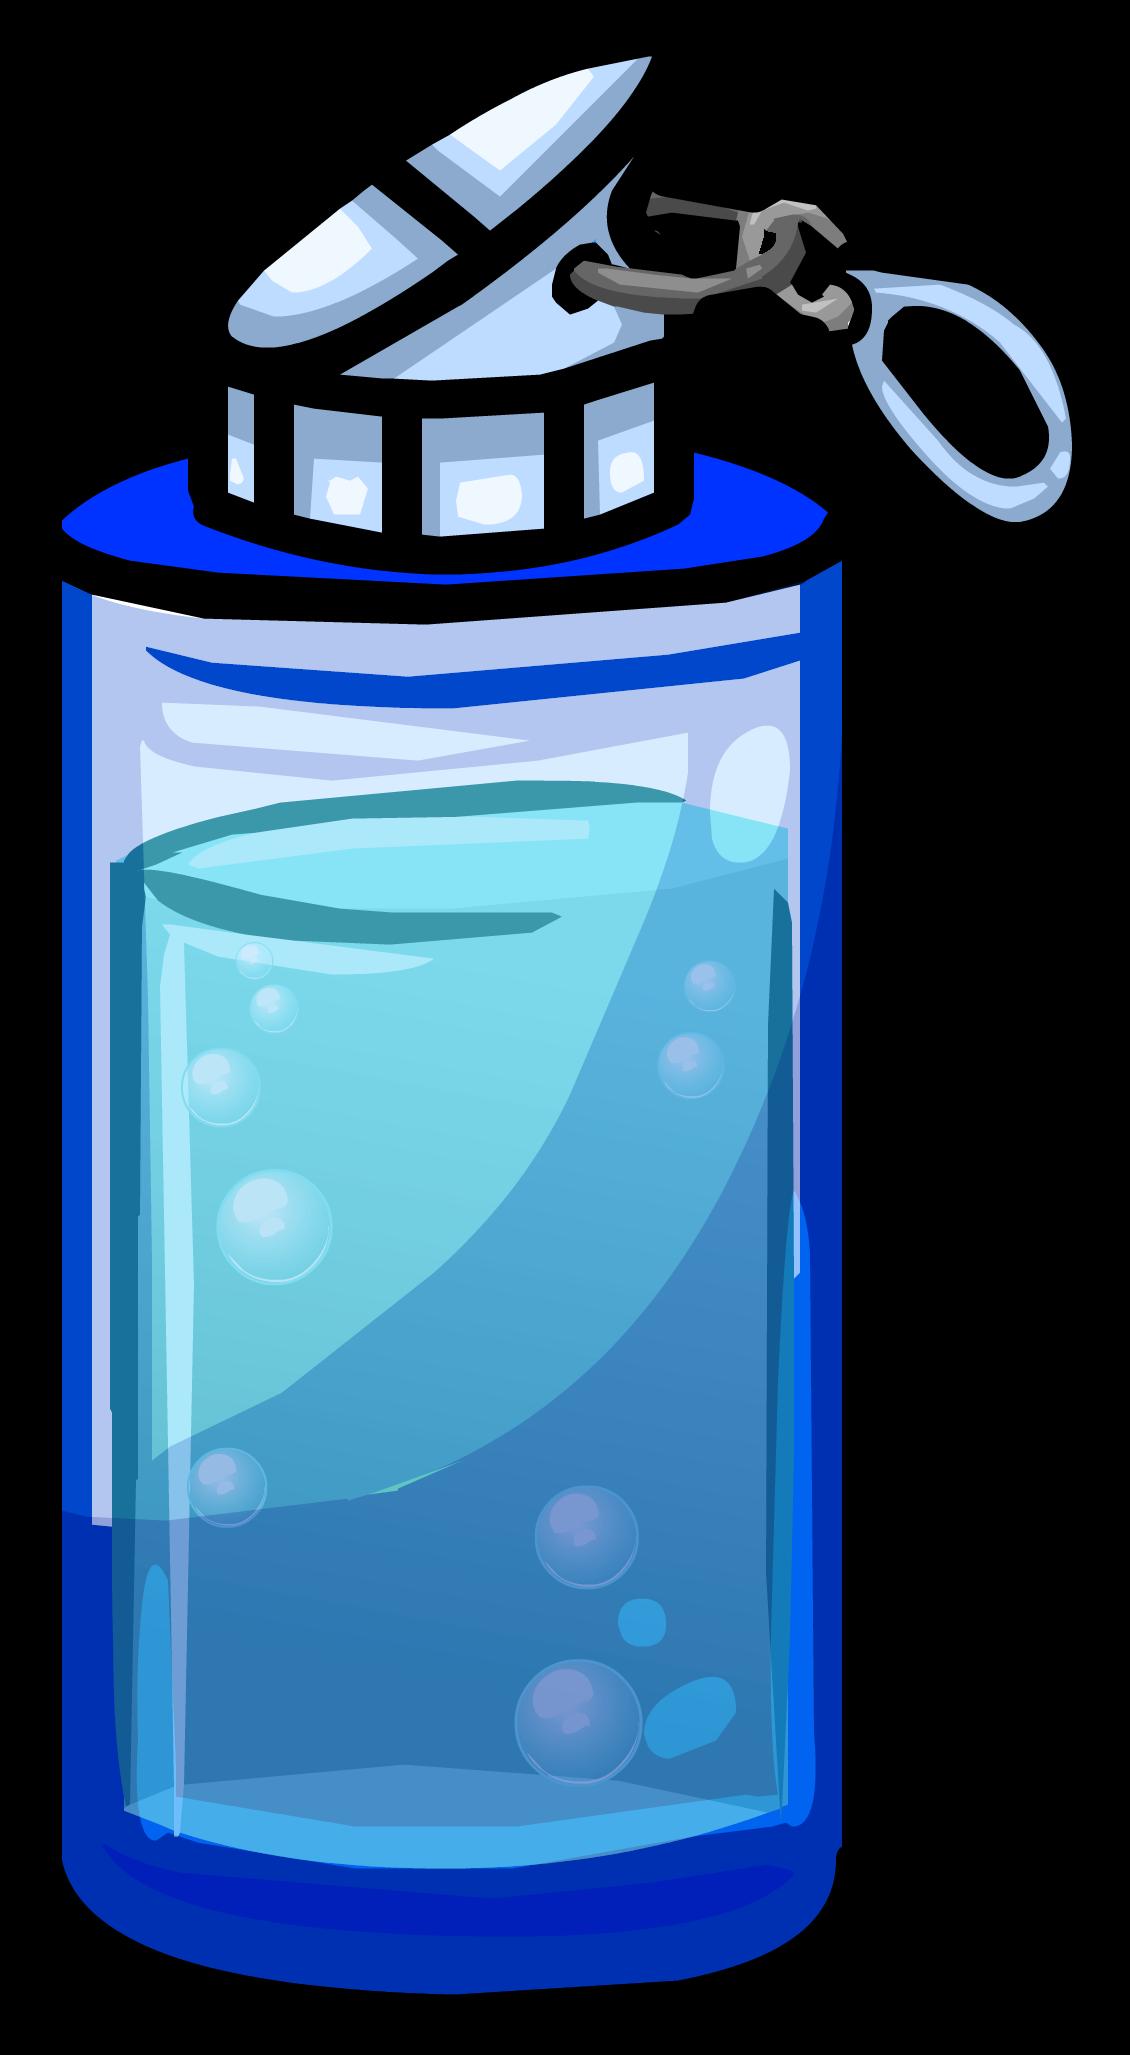 Blue Water Bottle | Club Penguin Wiki | FANDOM powered by ...Water Bottle Clip Art